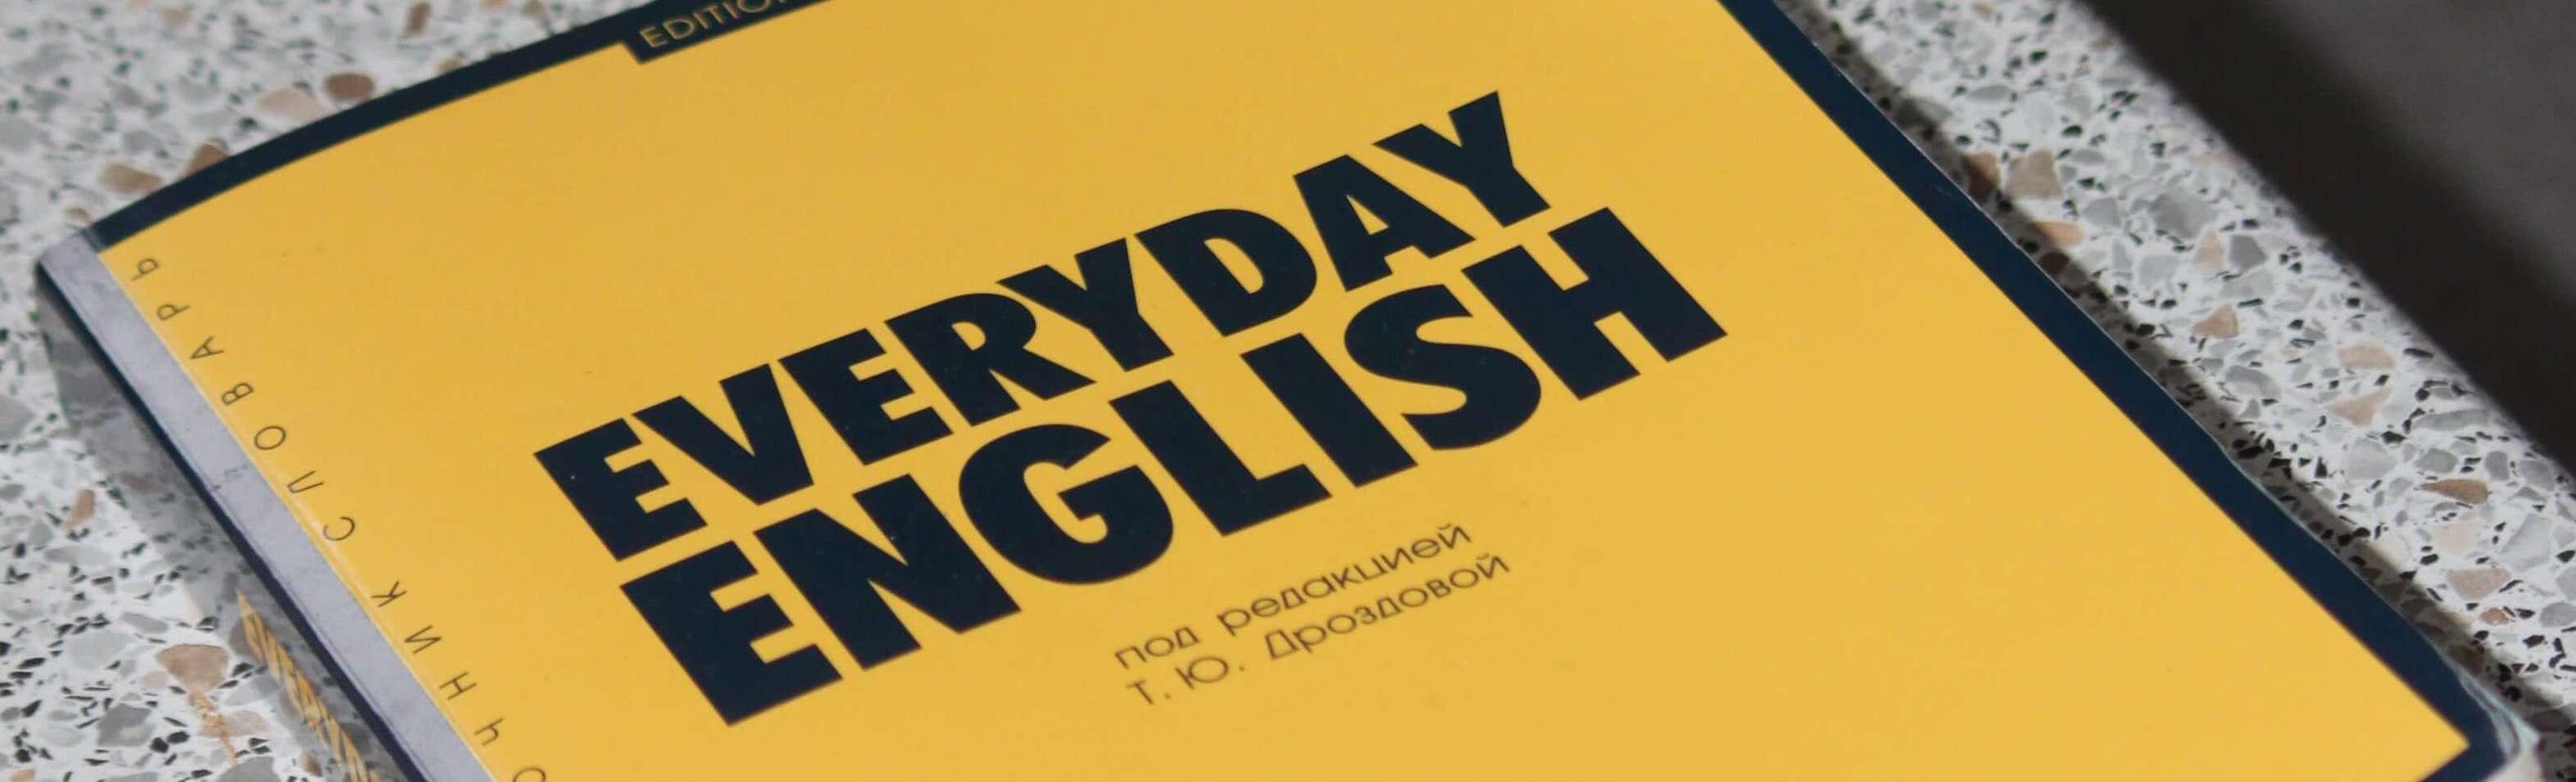 Les 100 mots les plus utilisés de la langue anglaise